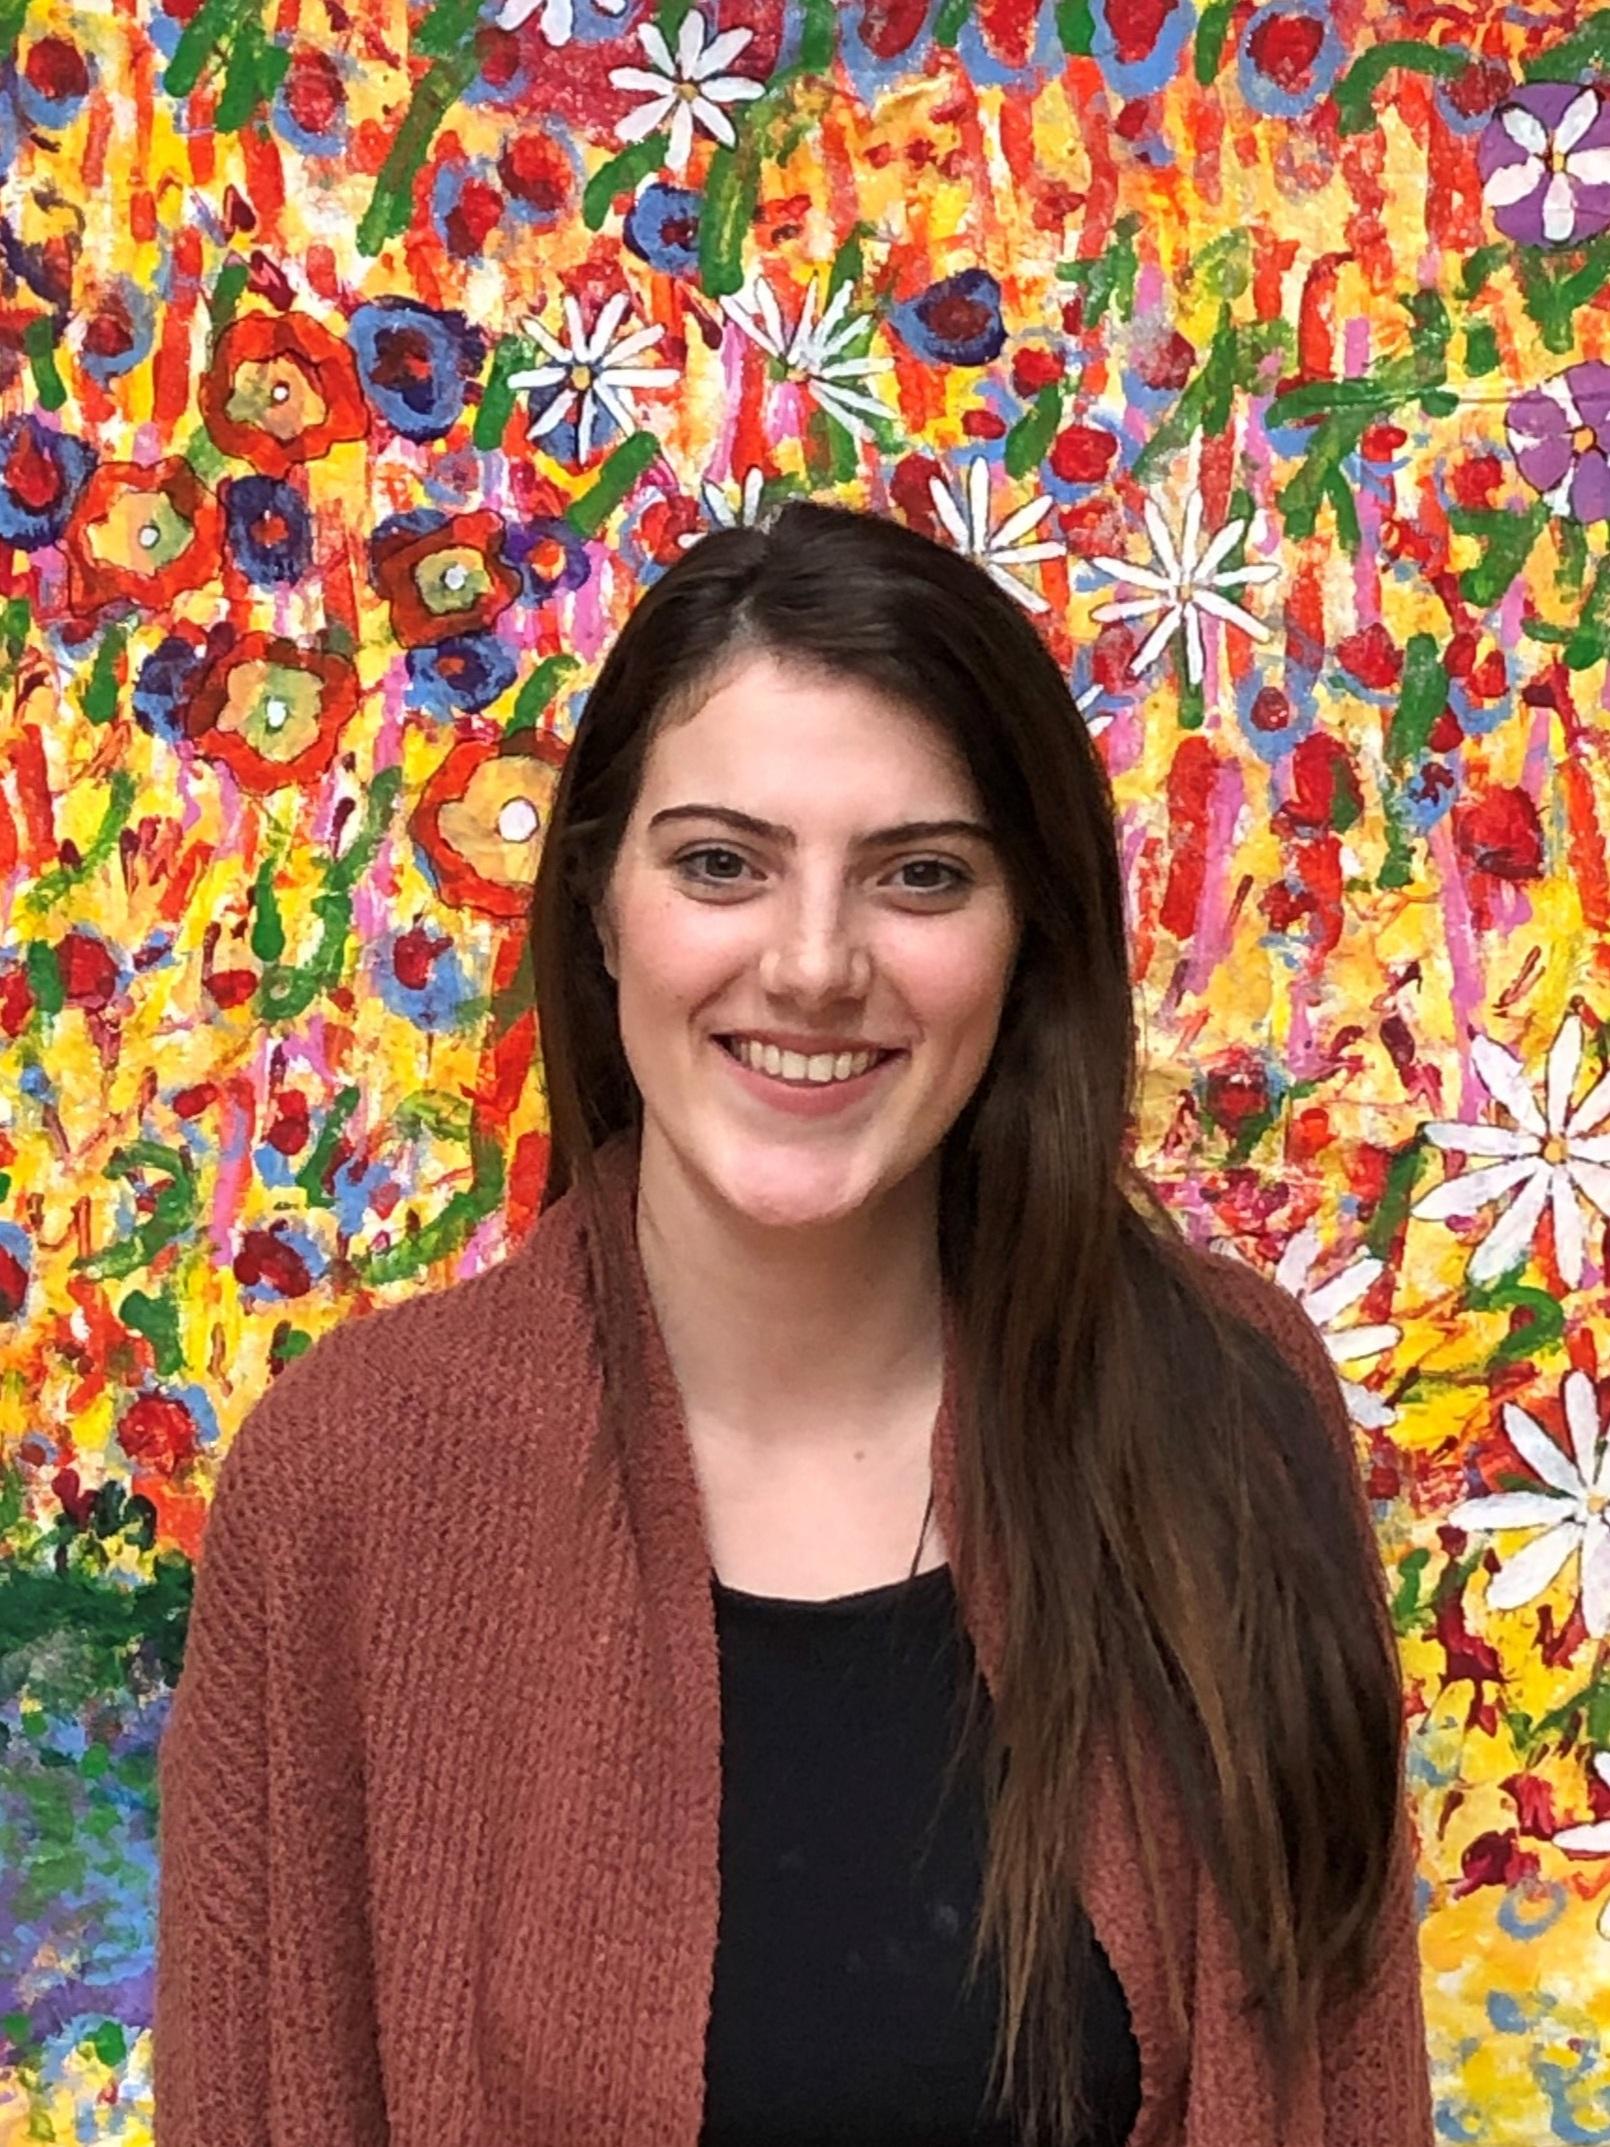 Nicola Vundum   Social Worker